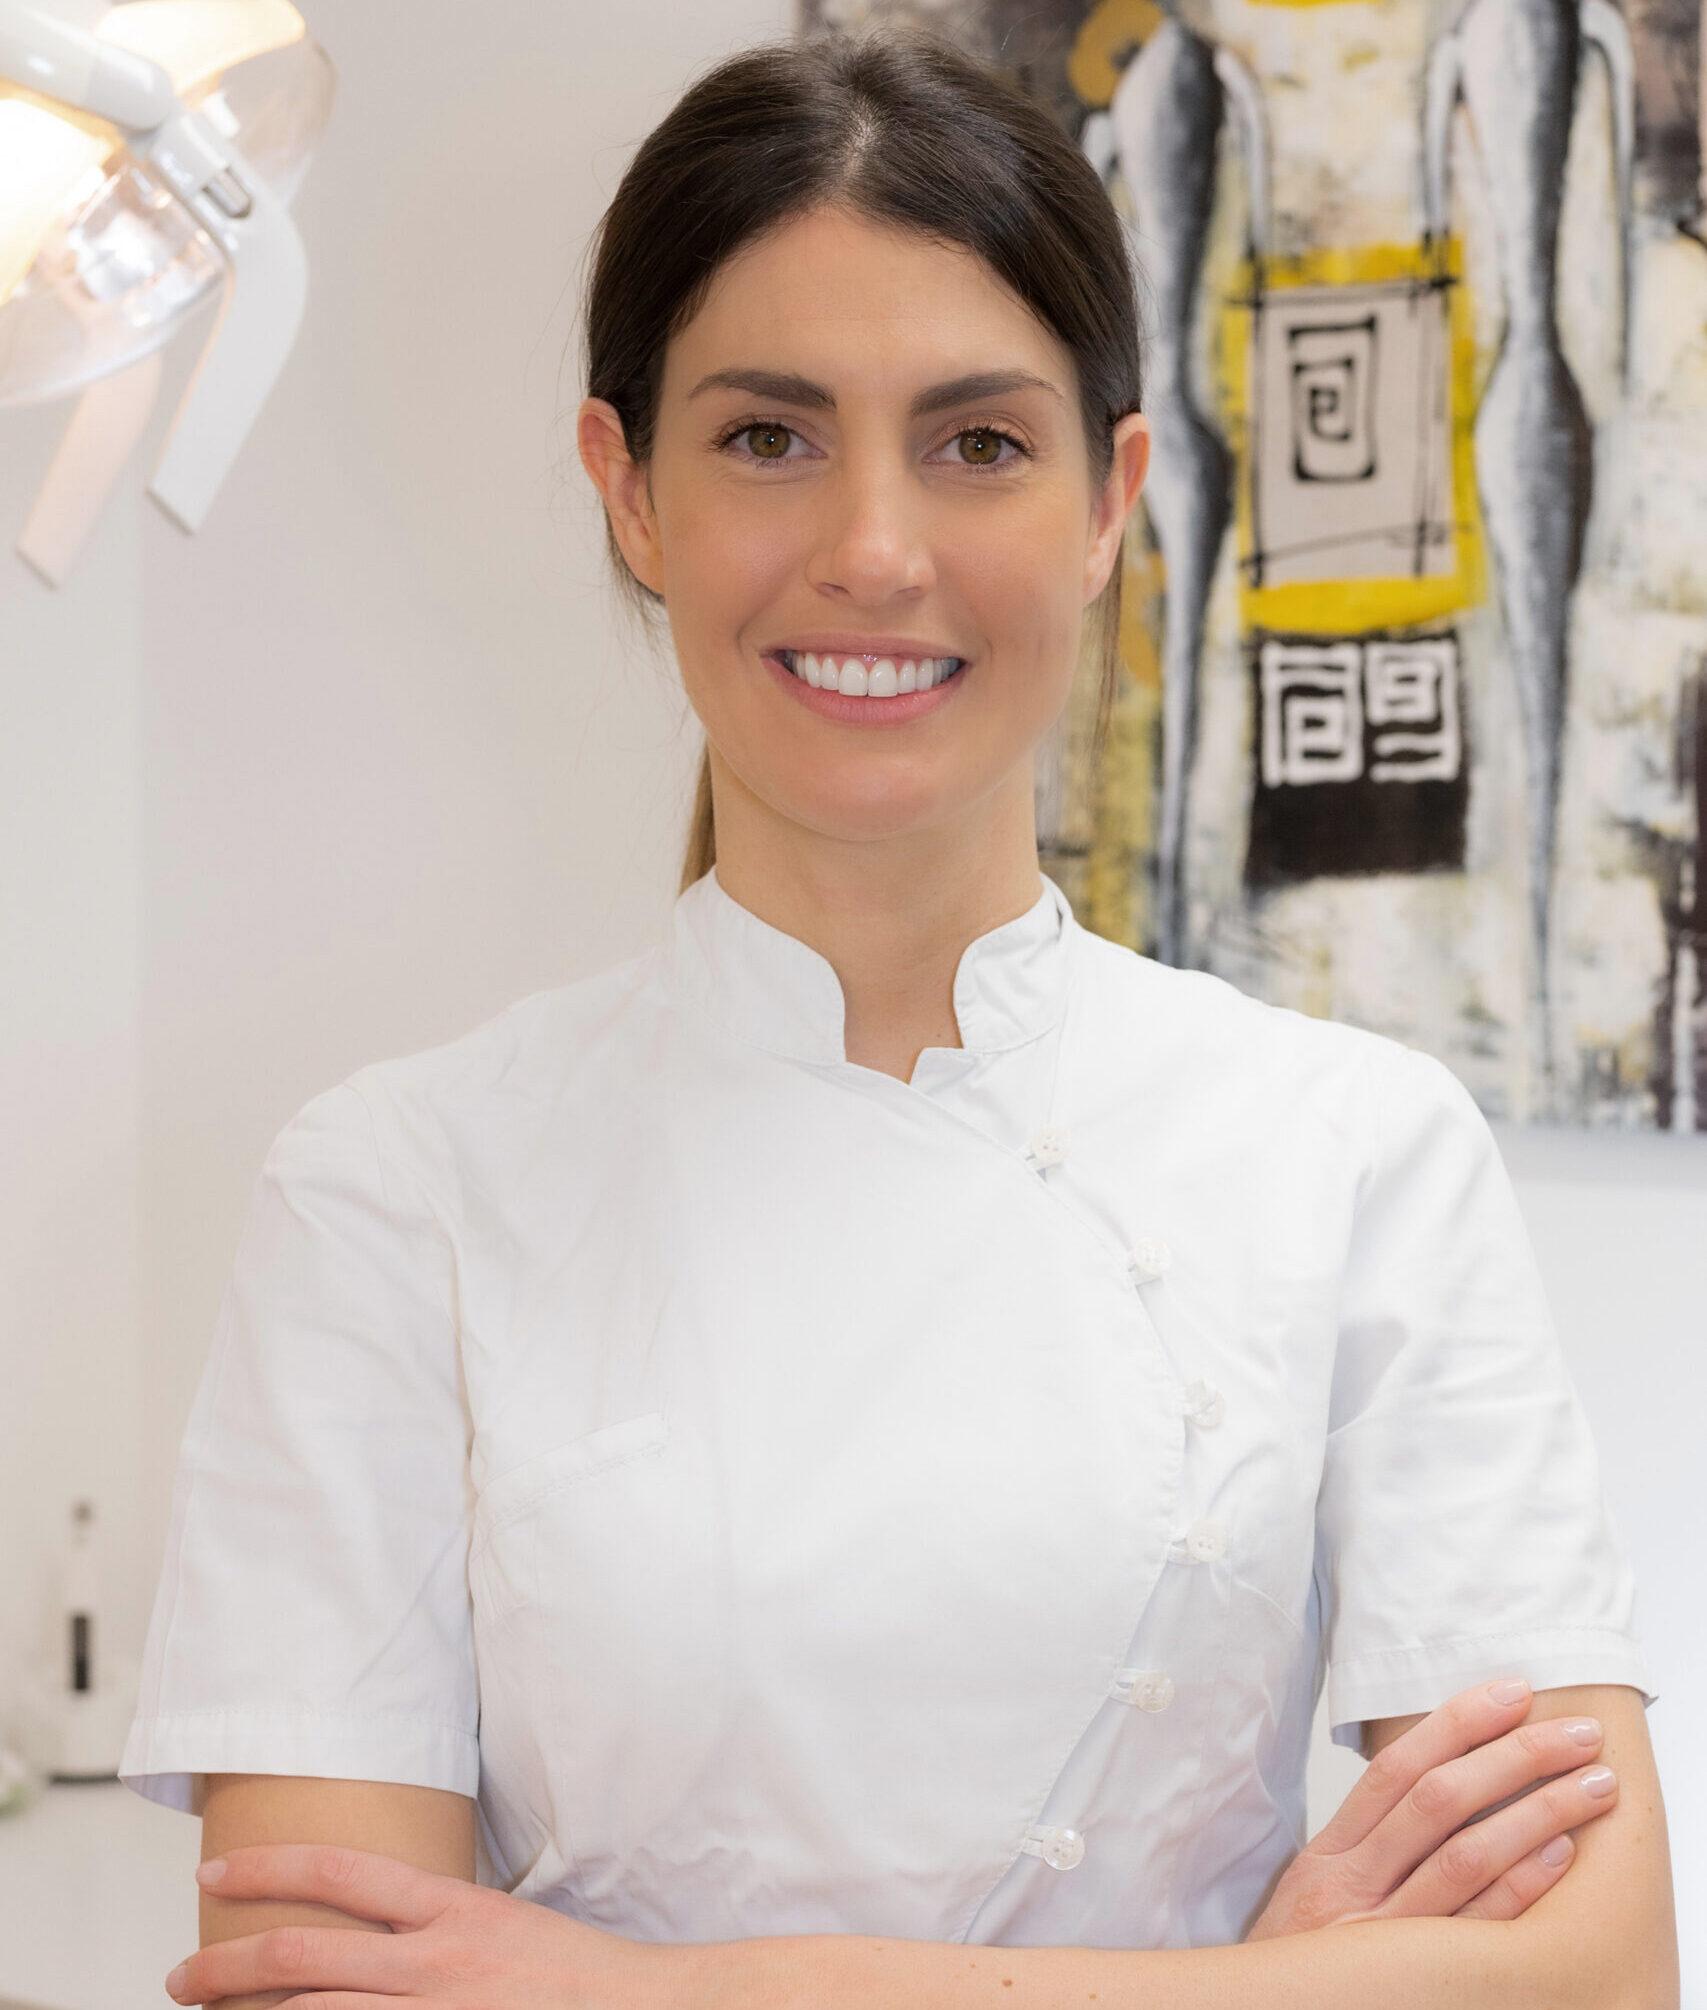 Silvia Margherini